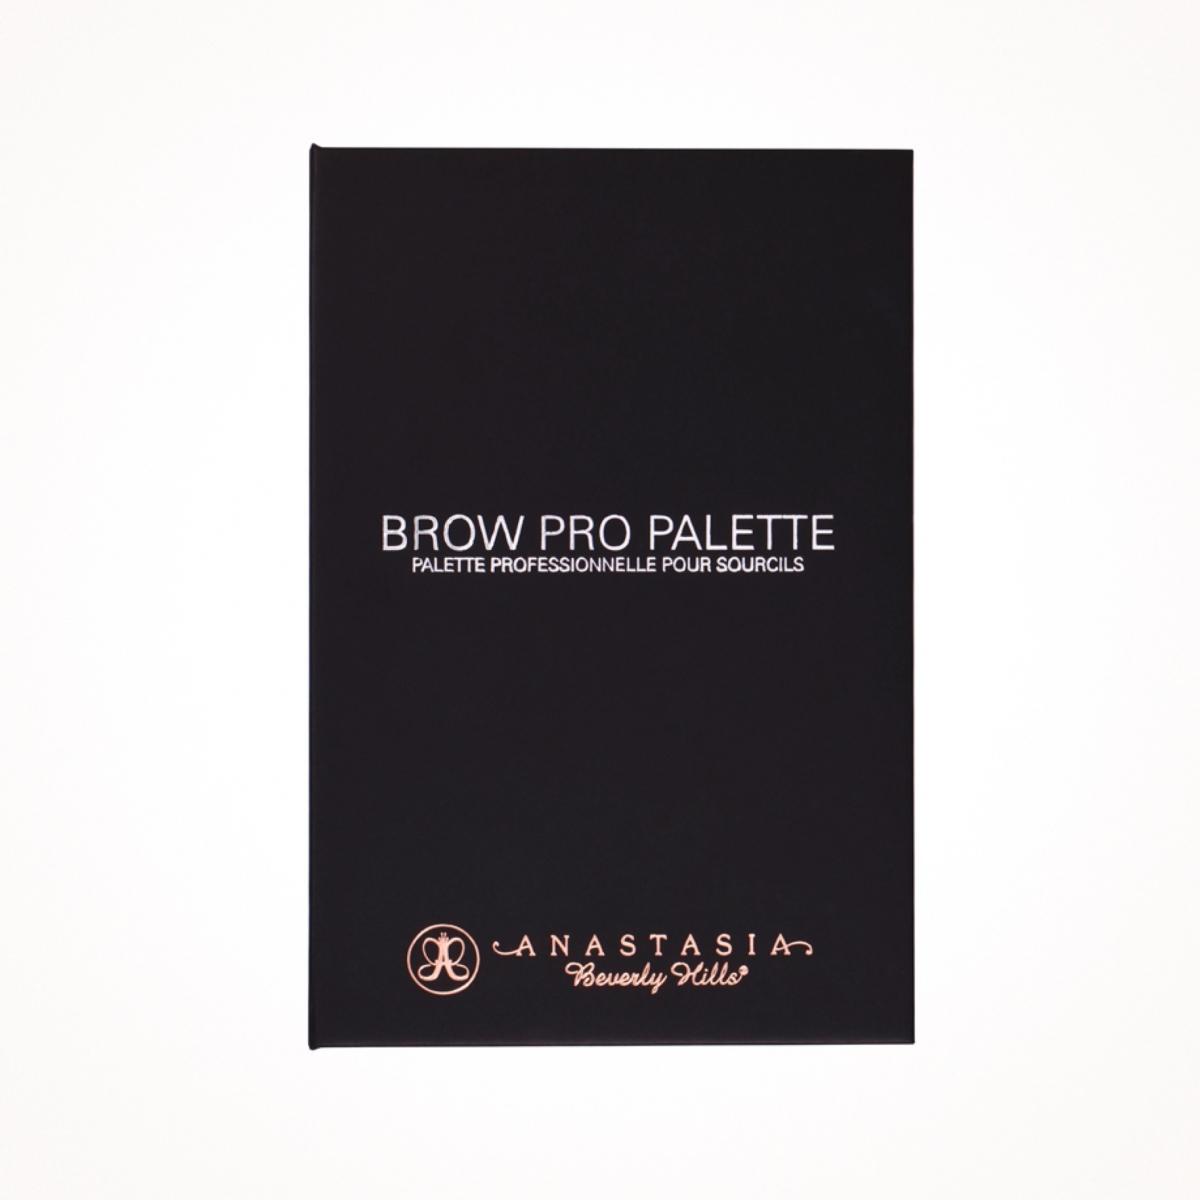 Палитра для бровей Anastasia Beverly Hills.Brow Pro Palette. Палитра теней для профессиональных визажистов